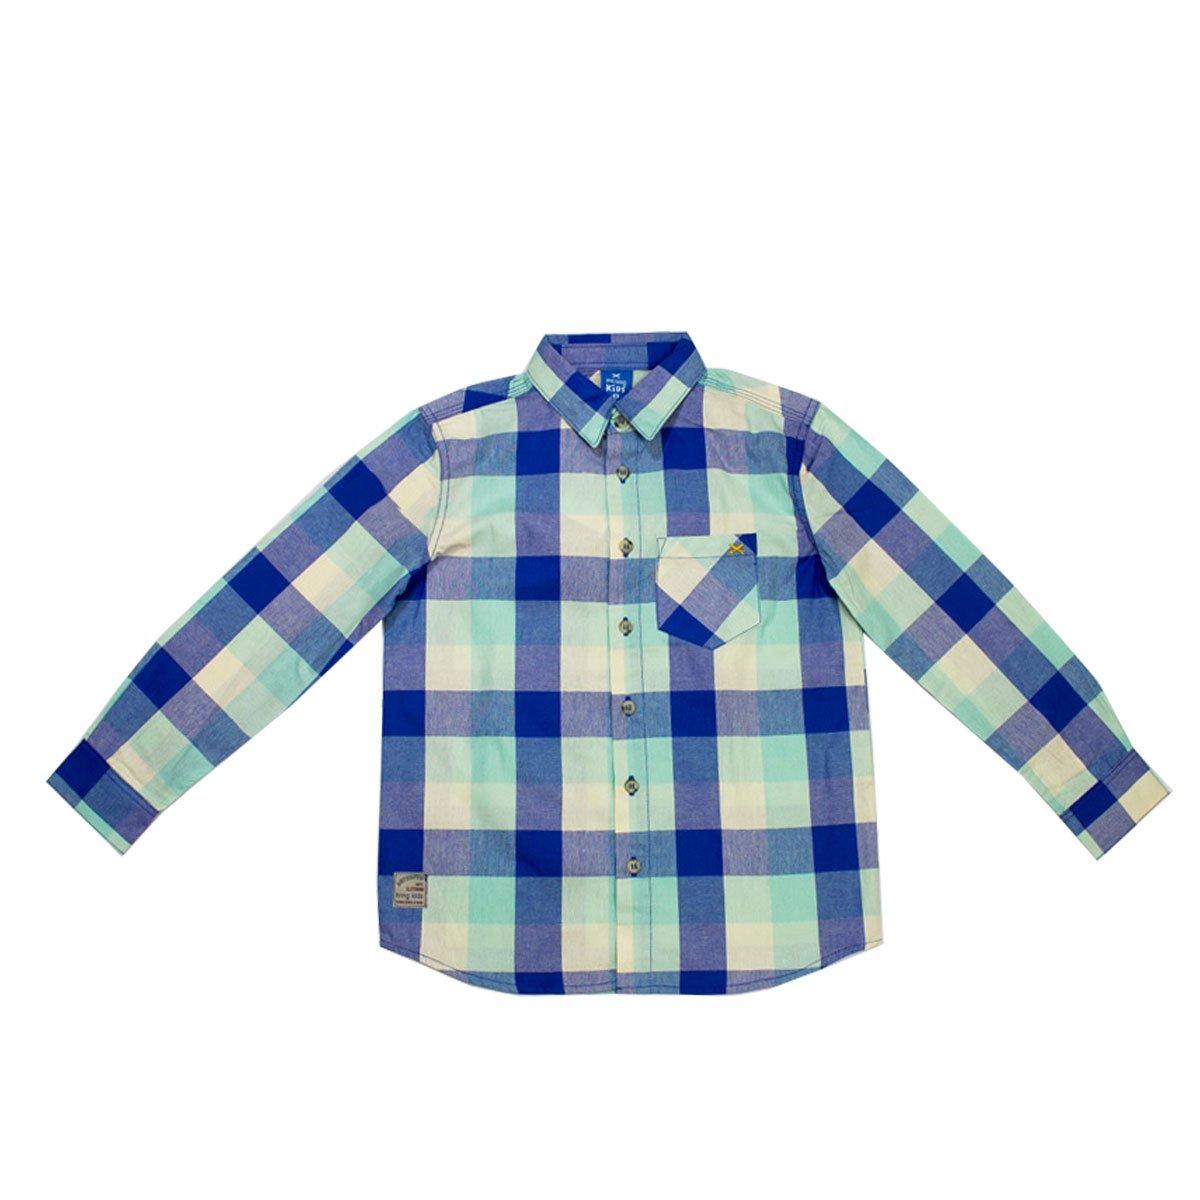 31ce7f7462 Bizz Store - Camisa Xadrez Infantil Menino Hering Kids